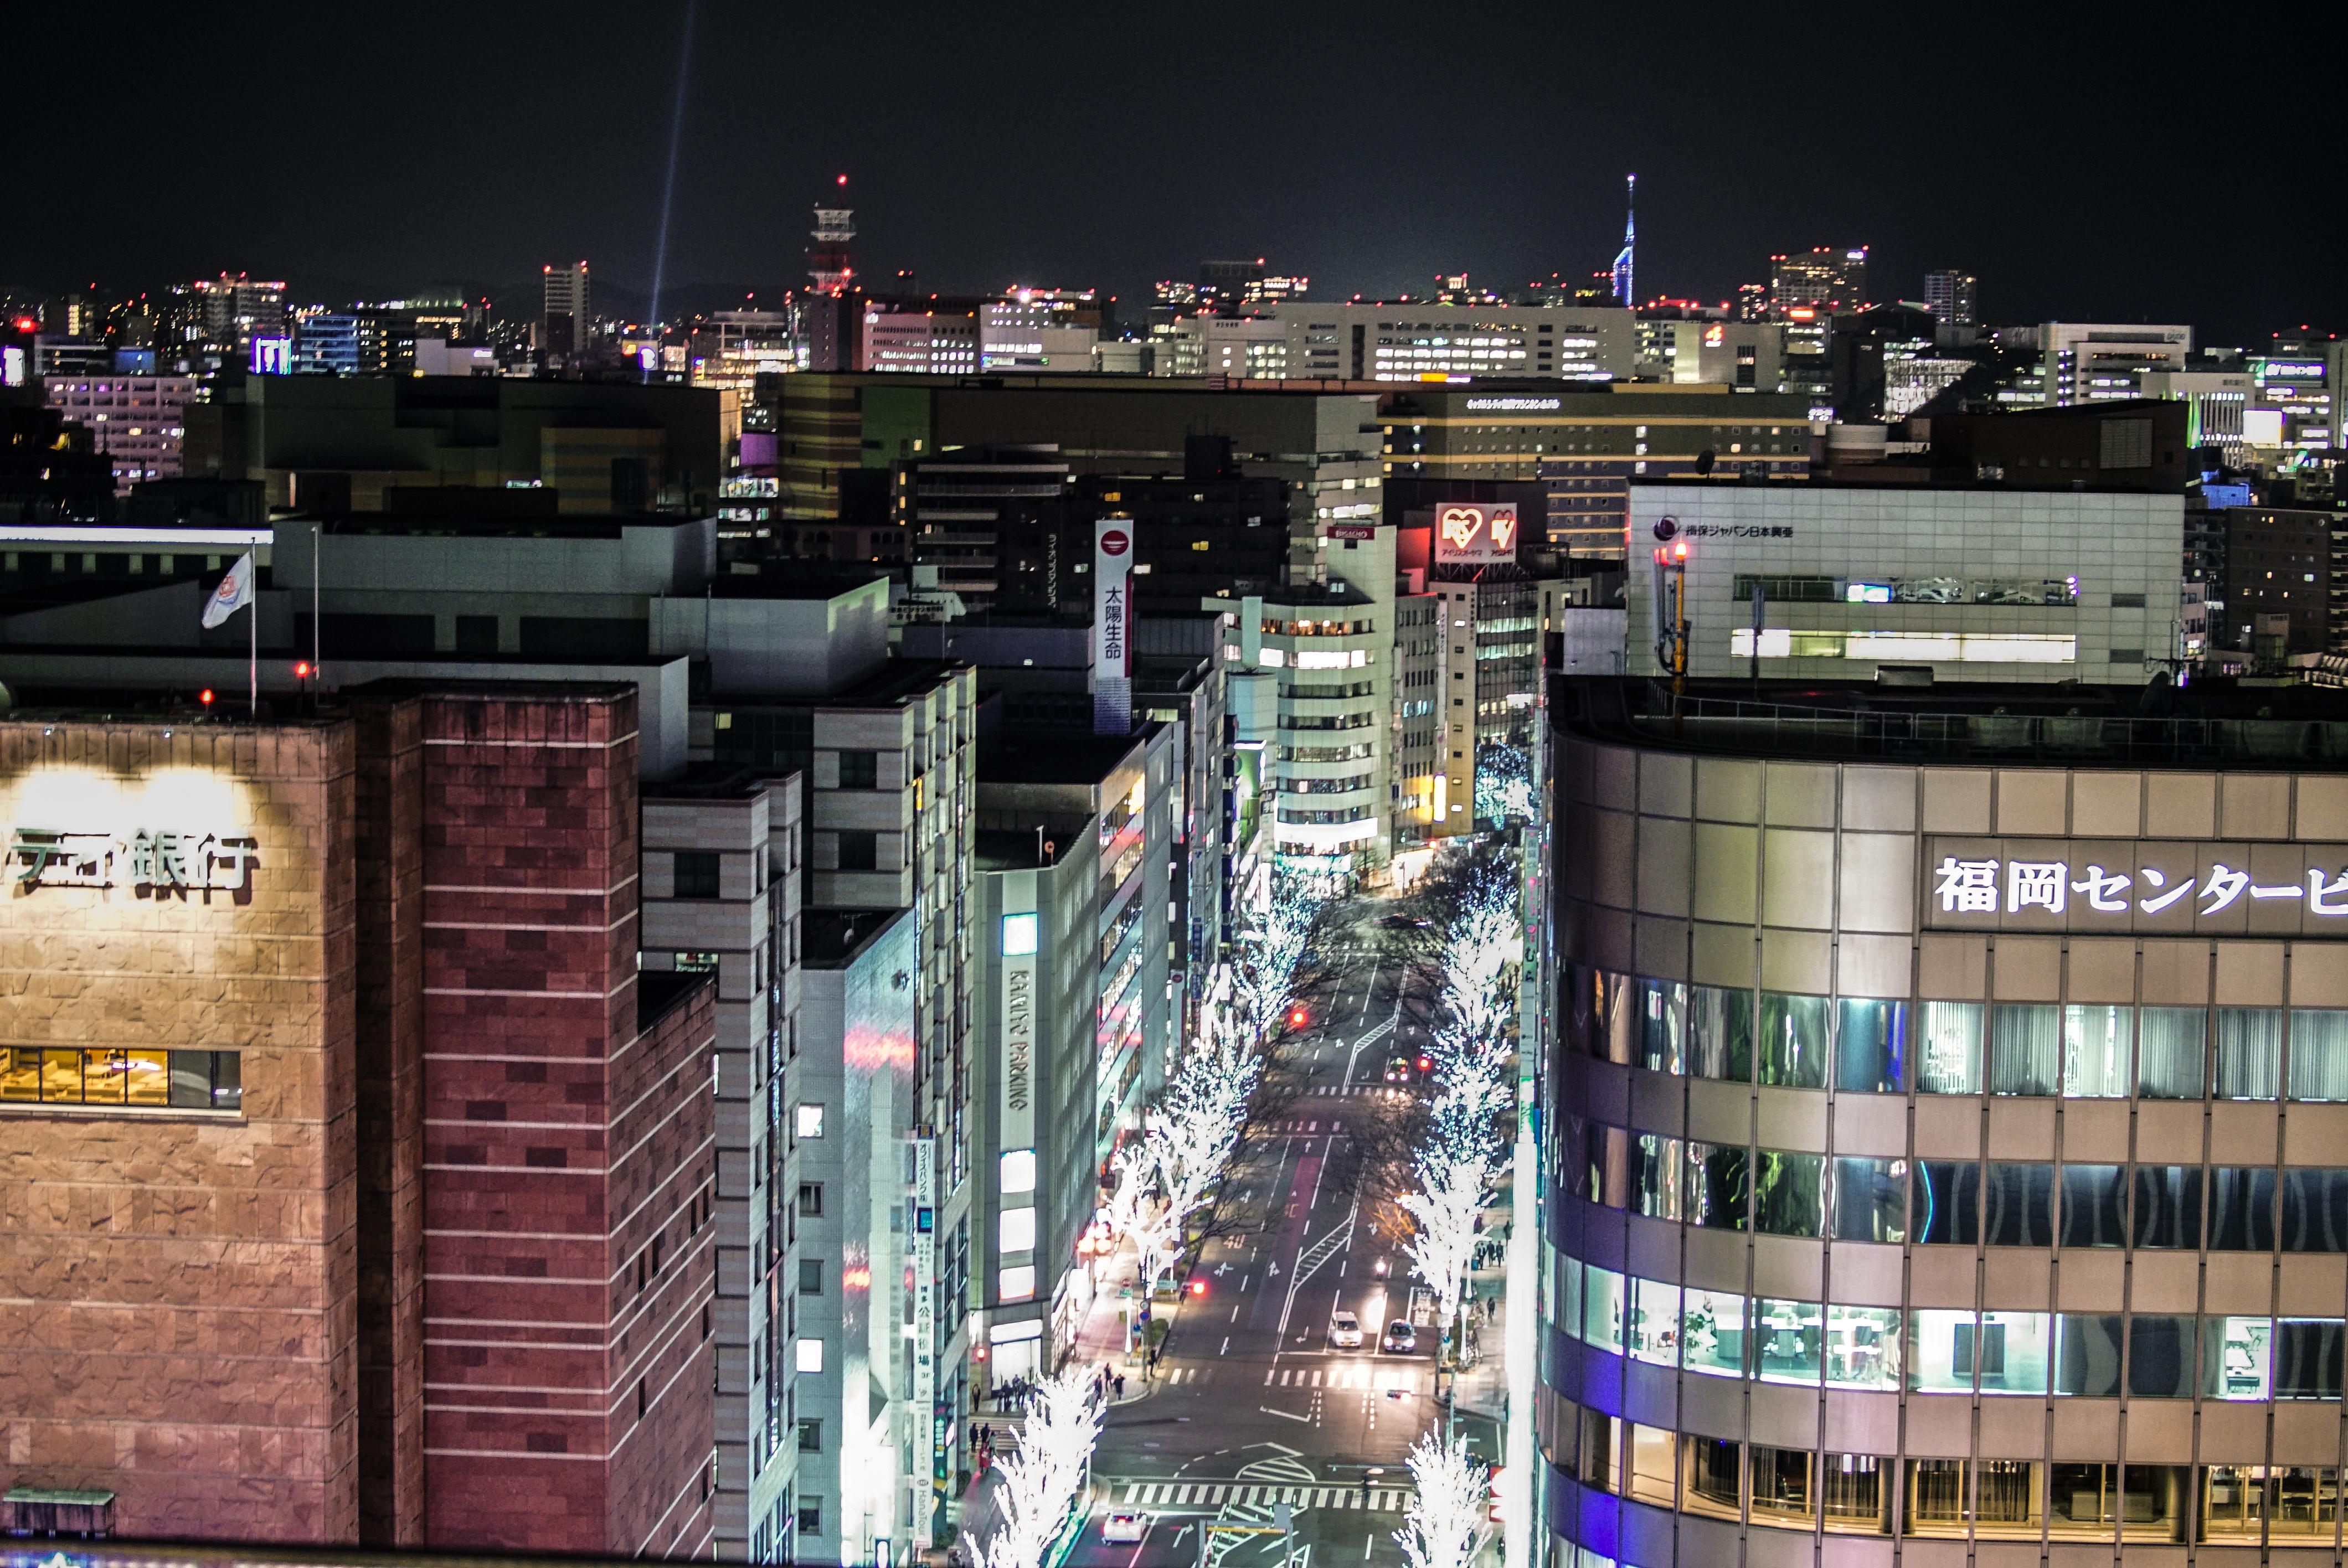 博多駅ビル JR博多シティ 屋上庭園から眺める夜景